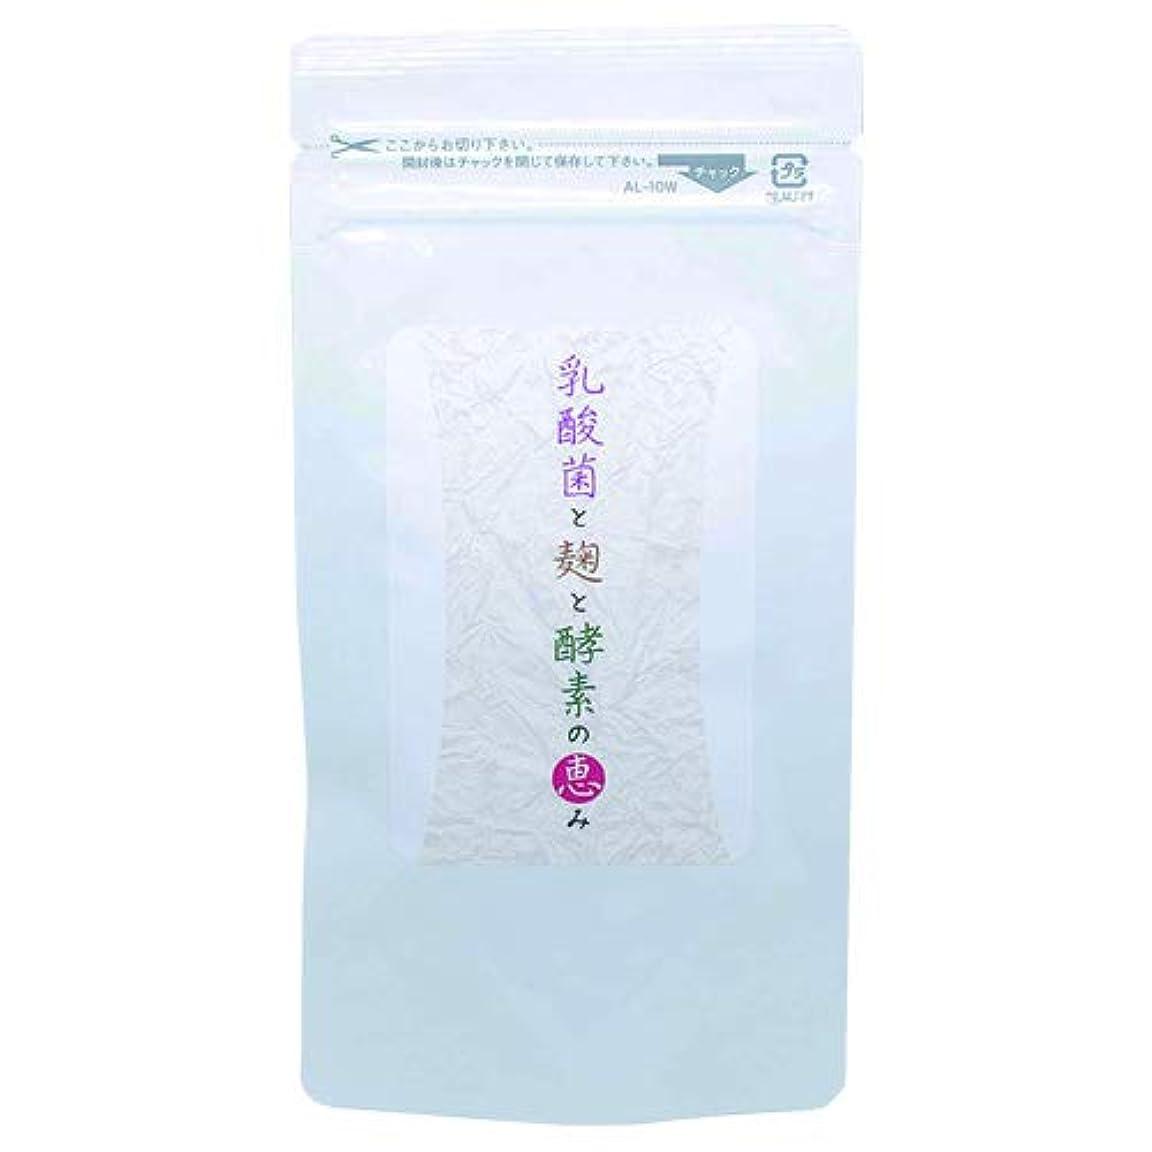 刺激するマカダム乳酸菌と麹と酵素の恵み (1)